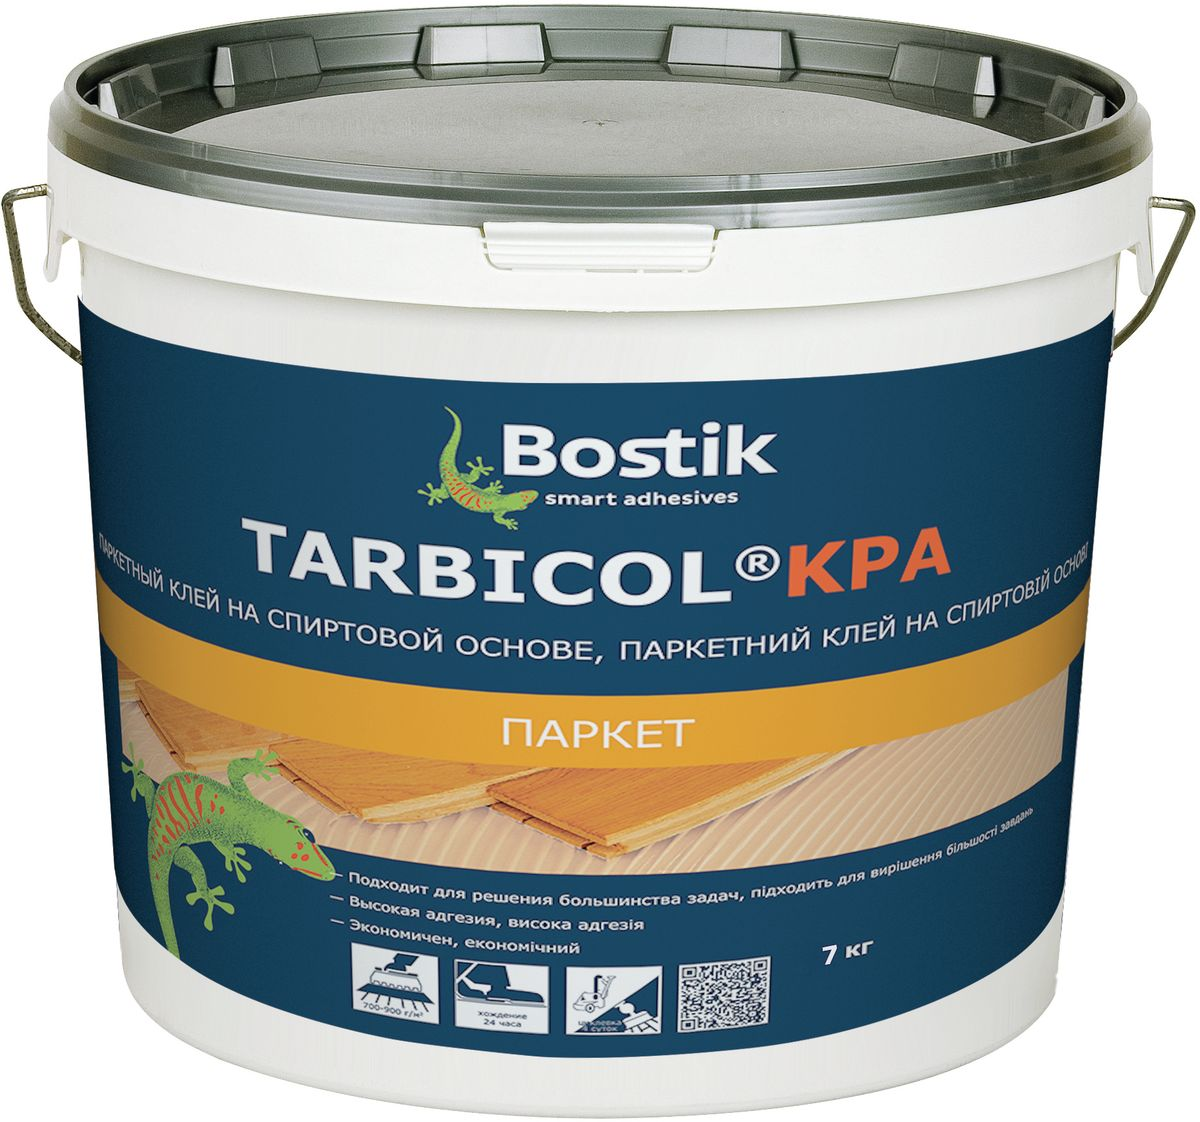 Клей для паркета Bostik  Tarbicol KPA , универсальный, смоляной, 7 кг - Бытовая химия